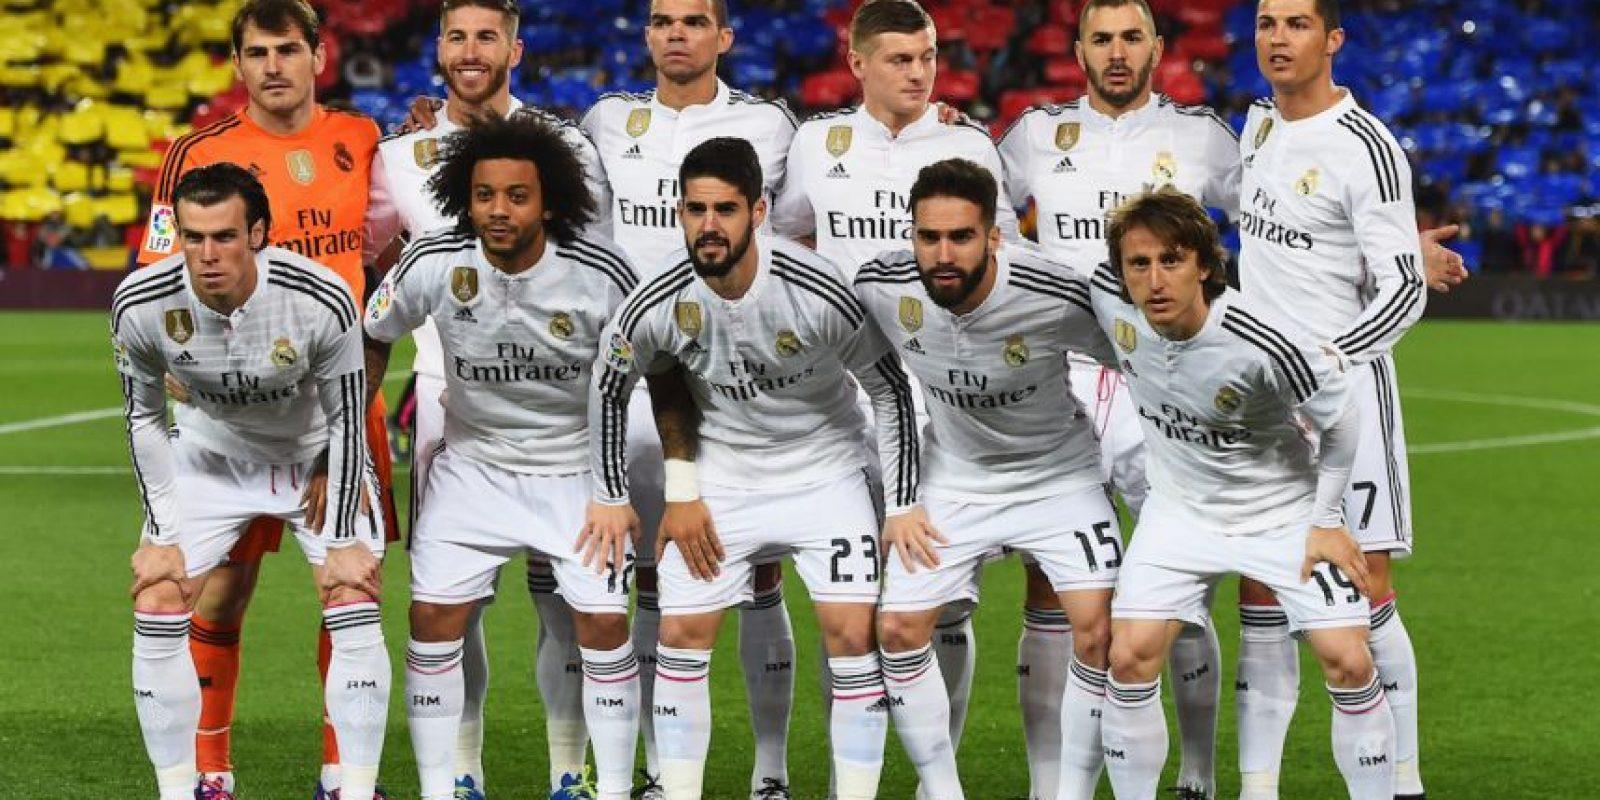 2. Real Madrid / Al igual que el Bayern Munich, el Real Madrid donará un millón de euros para los refugiados sirios que sean recibidos en España. Foto:Getty Images